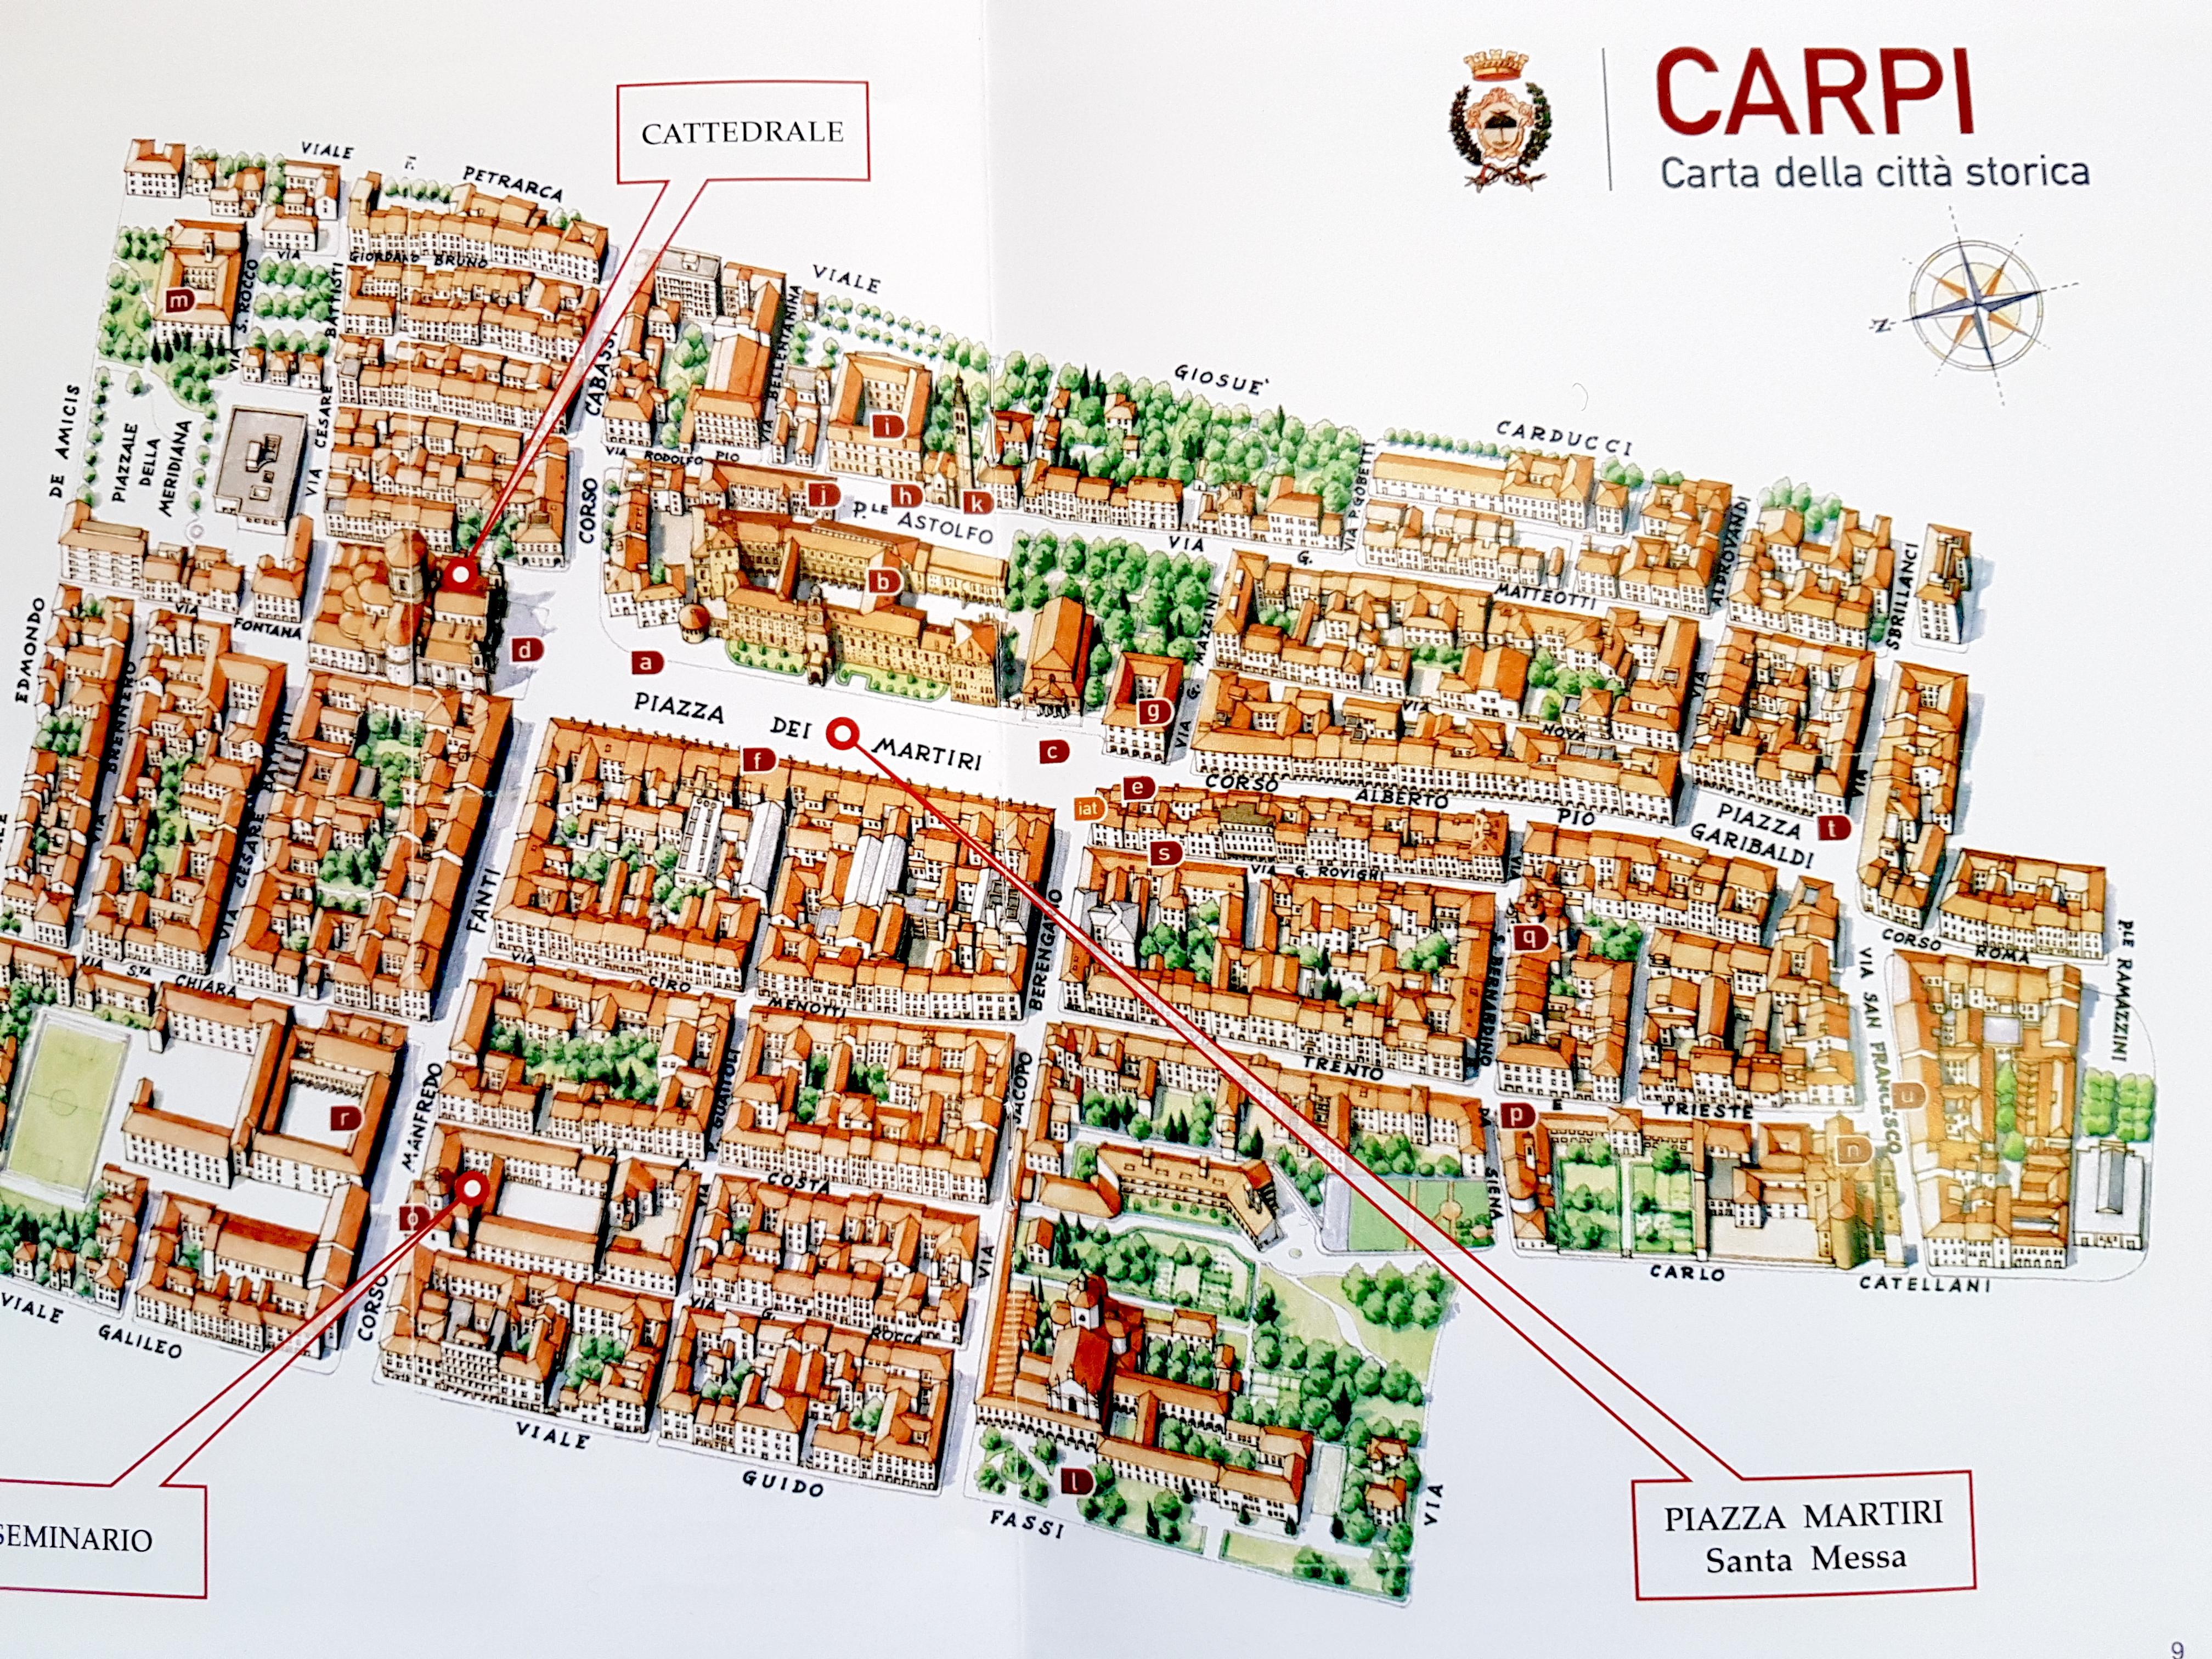 Mapa del centro histórico de Carpi